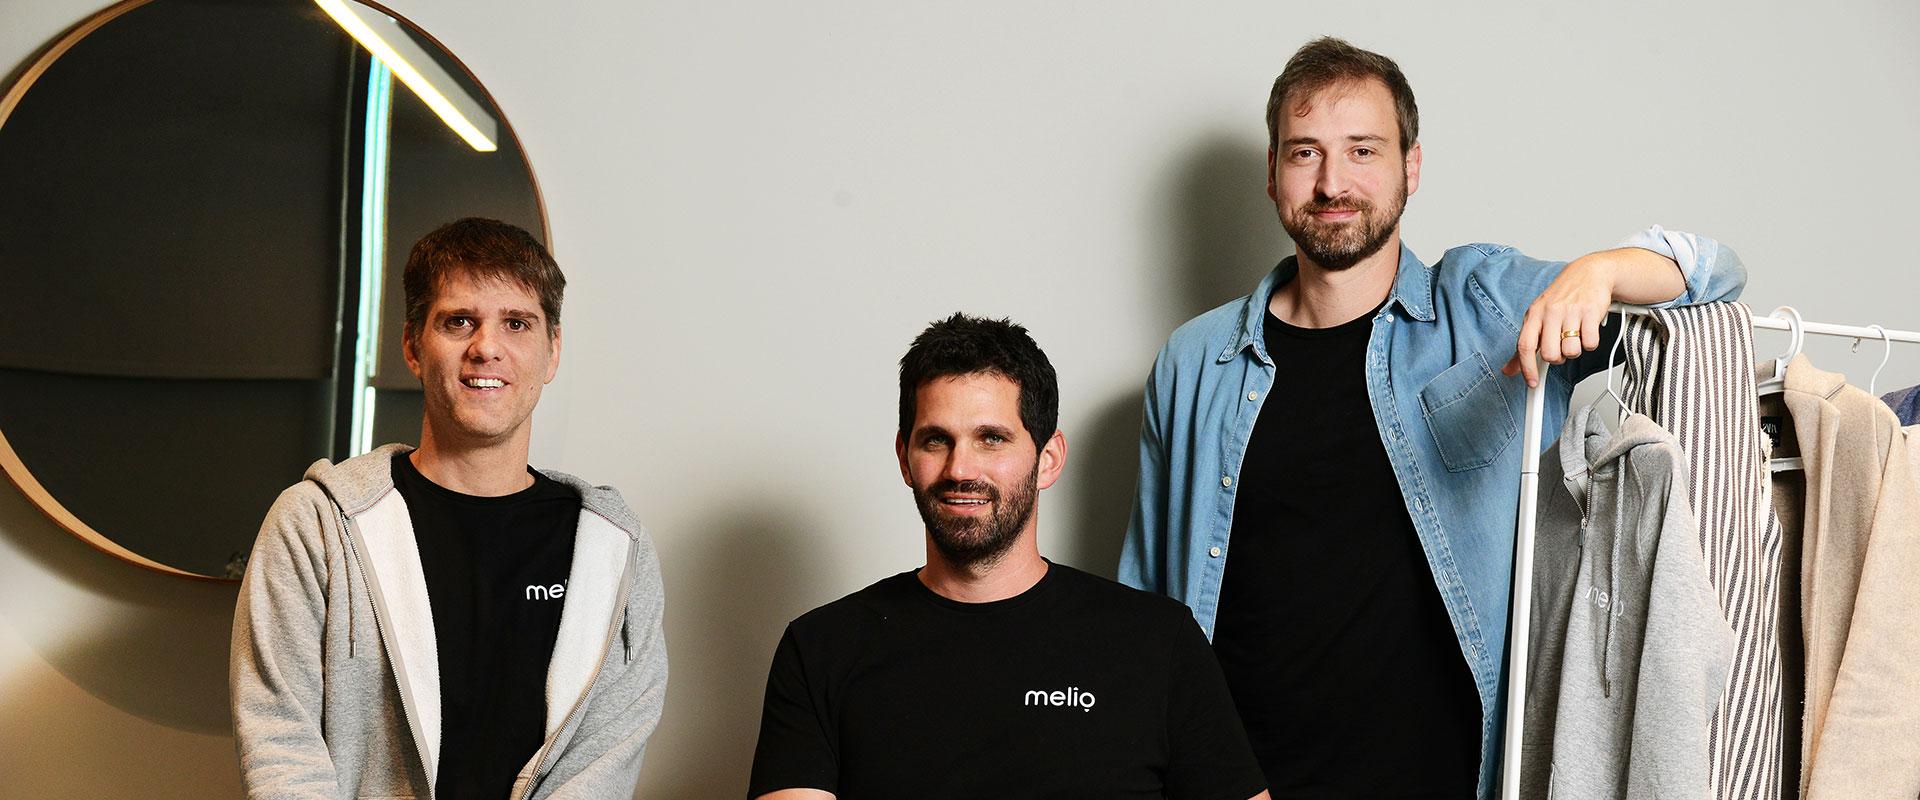 10 הסטארט-אפים המבטיחים 2020 - מתן בר, אילן אטיאס וזיו פז, מייסדי Melio / צילום: איל יצהר, גלובס